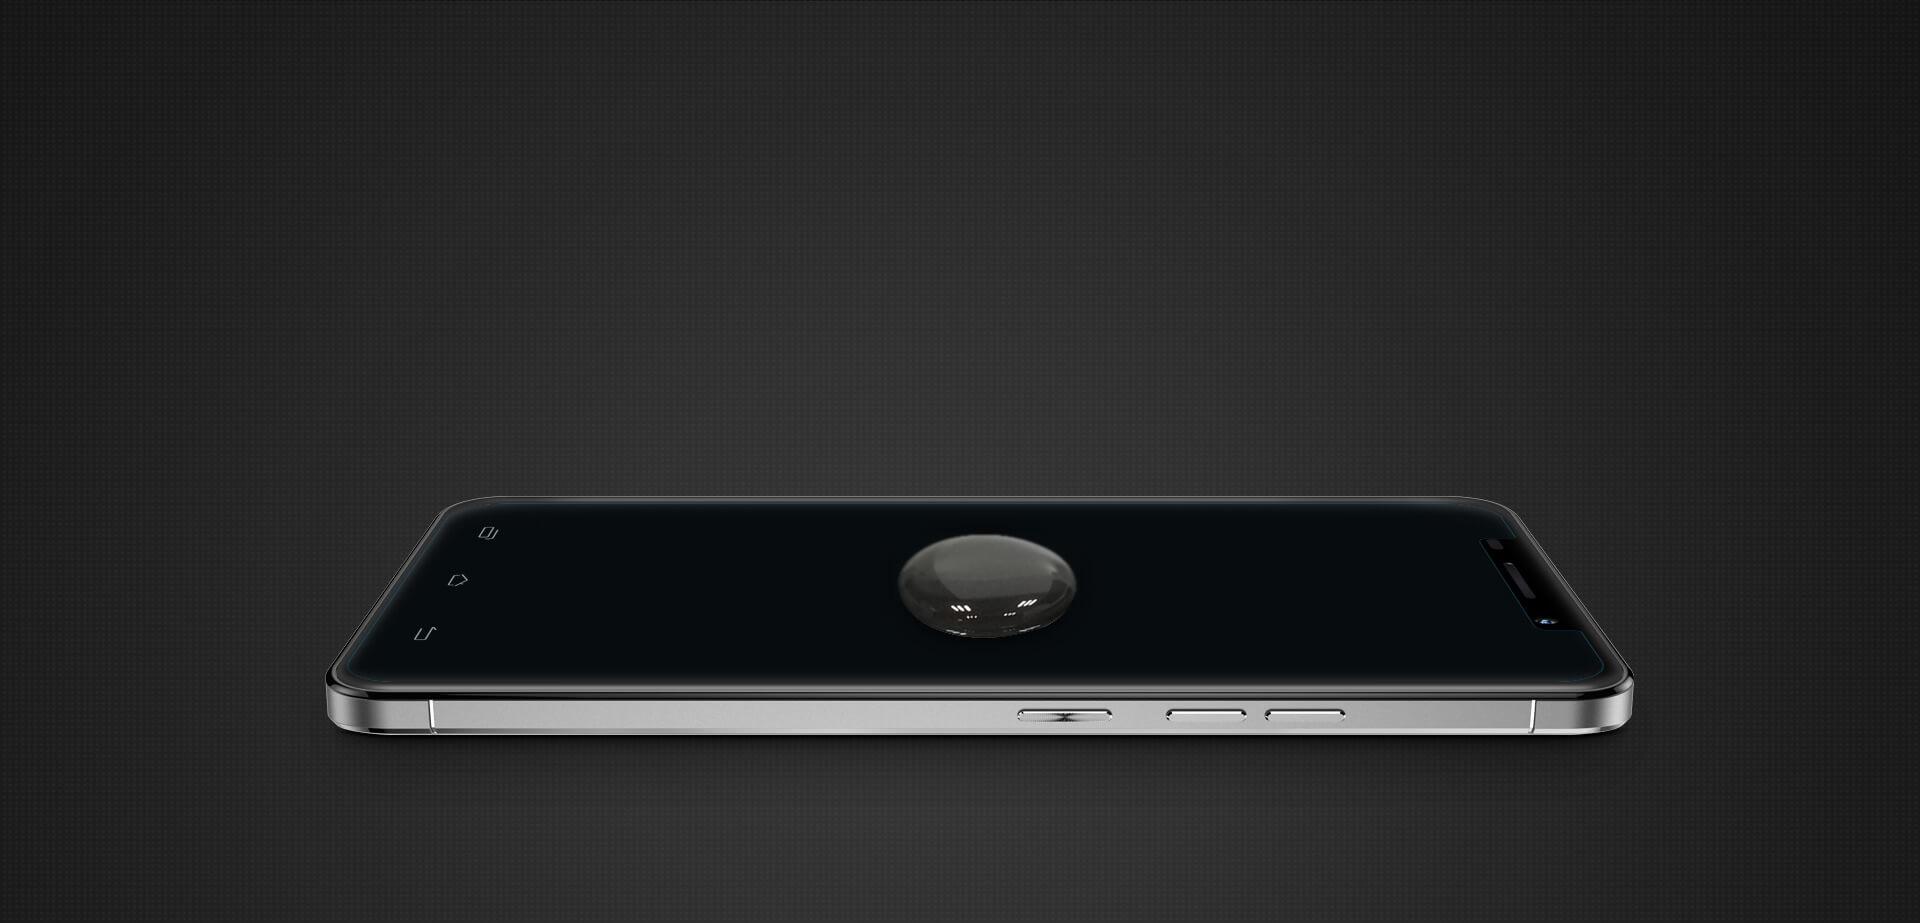 Олеофобное покрытие защитного стекла Galaxy S8